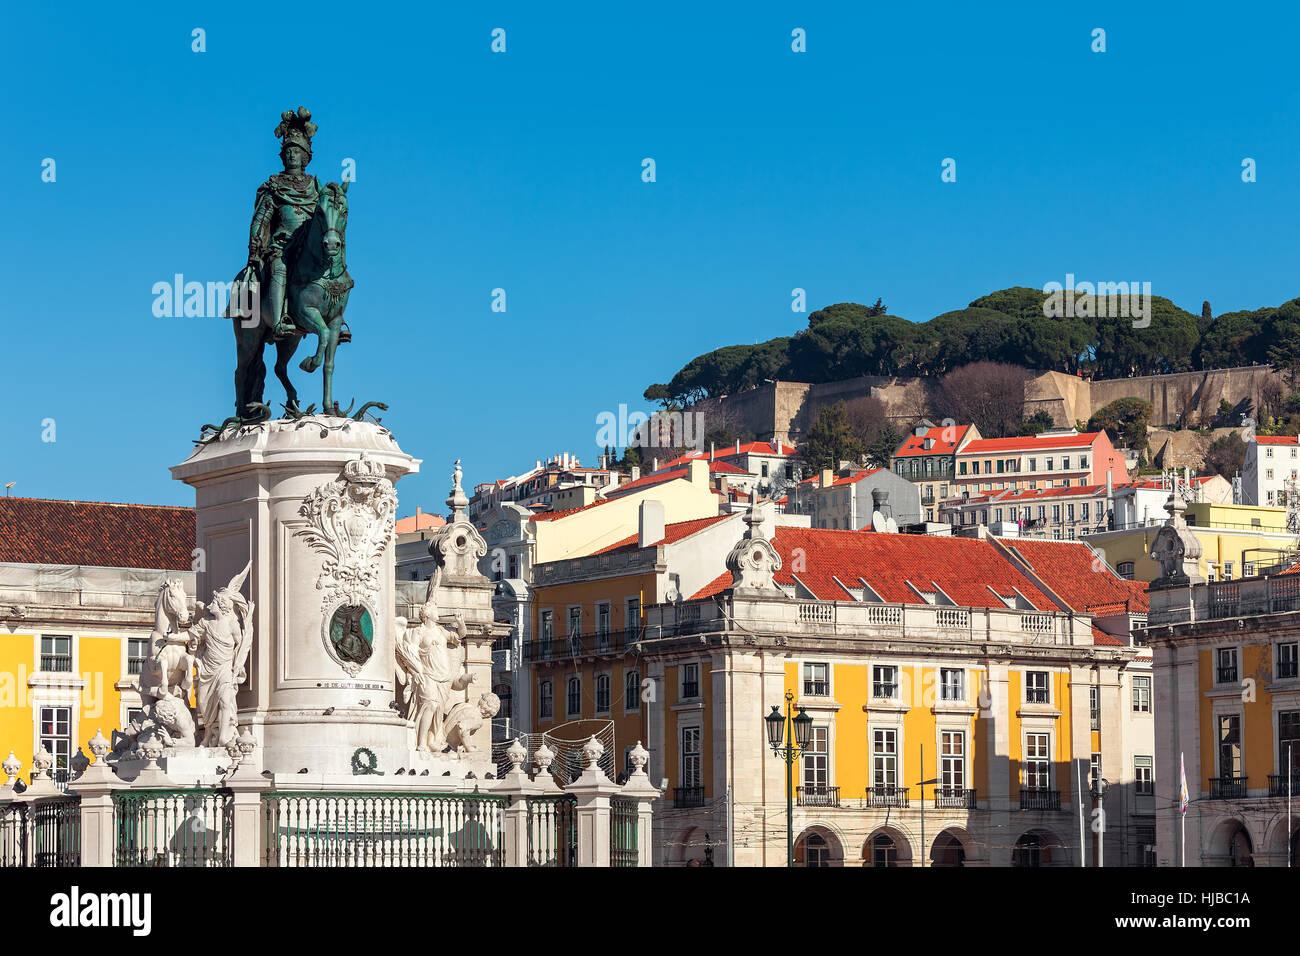 Statua di bronzo di Re Jose sul cavallo come vecchie case colorate su sfondo sotto il cielo blu a Piazza del commercio Immagini Stock